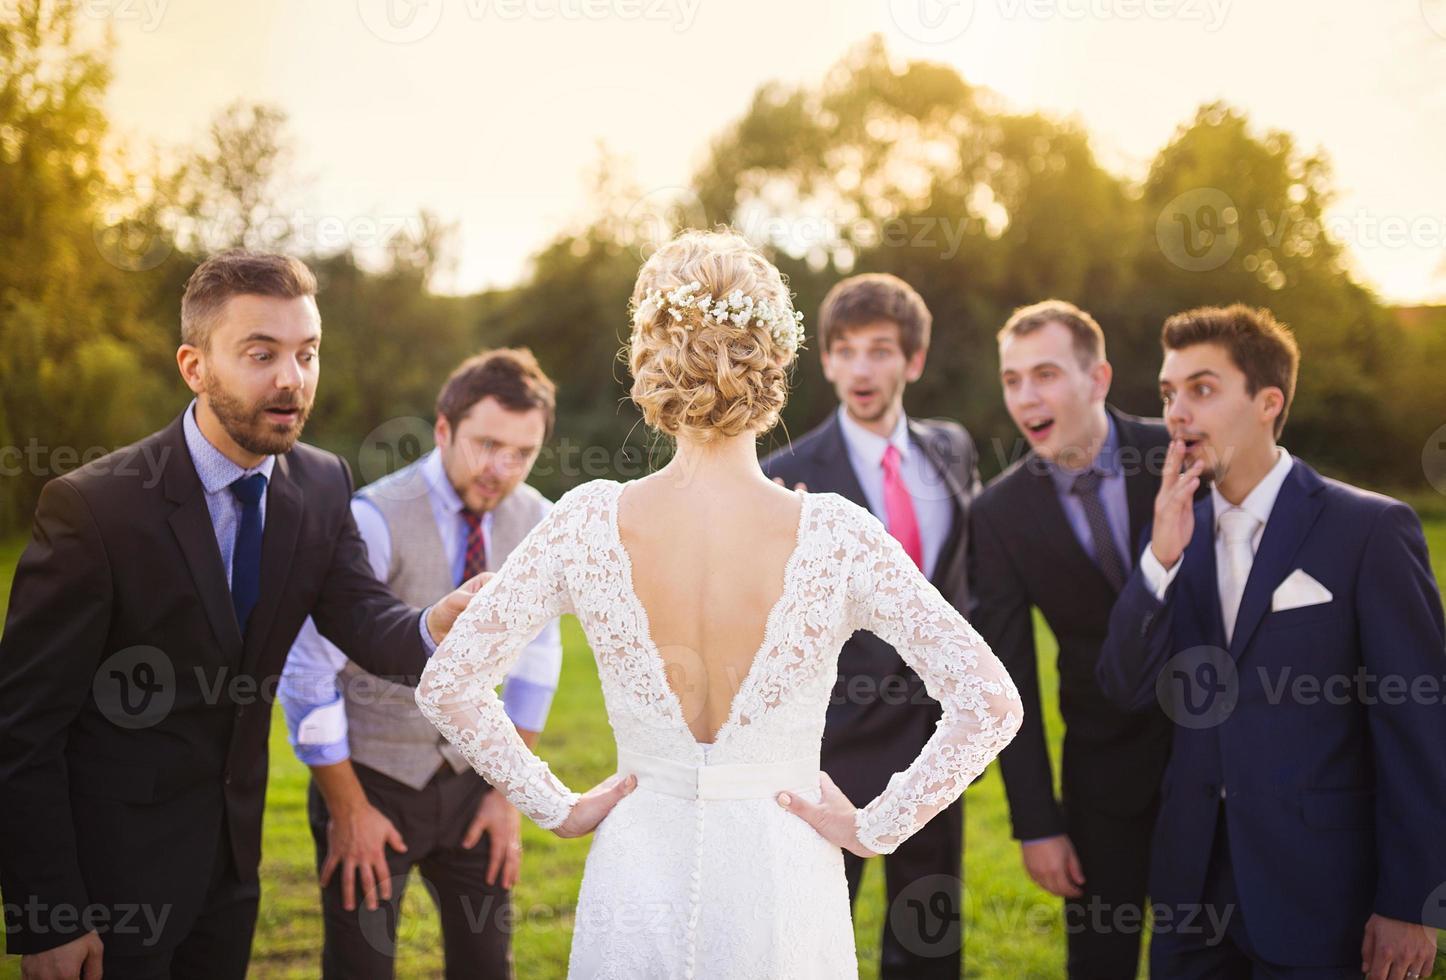 padrinos de boda mirando a la novia foto